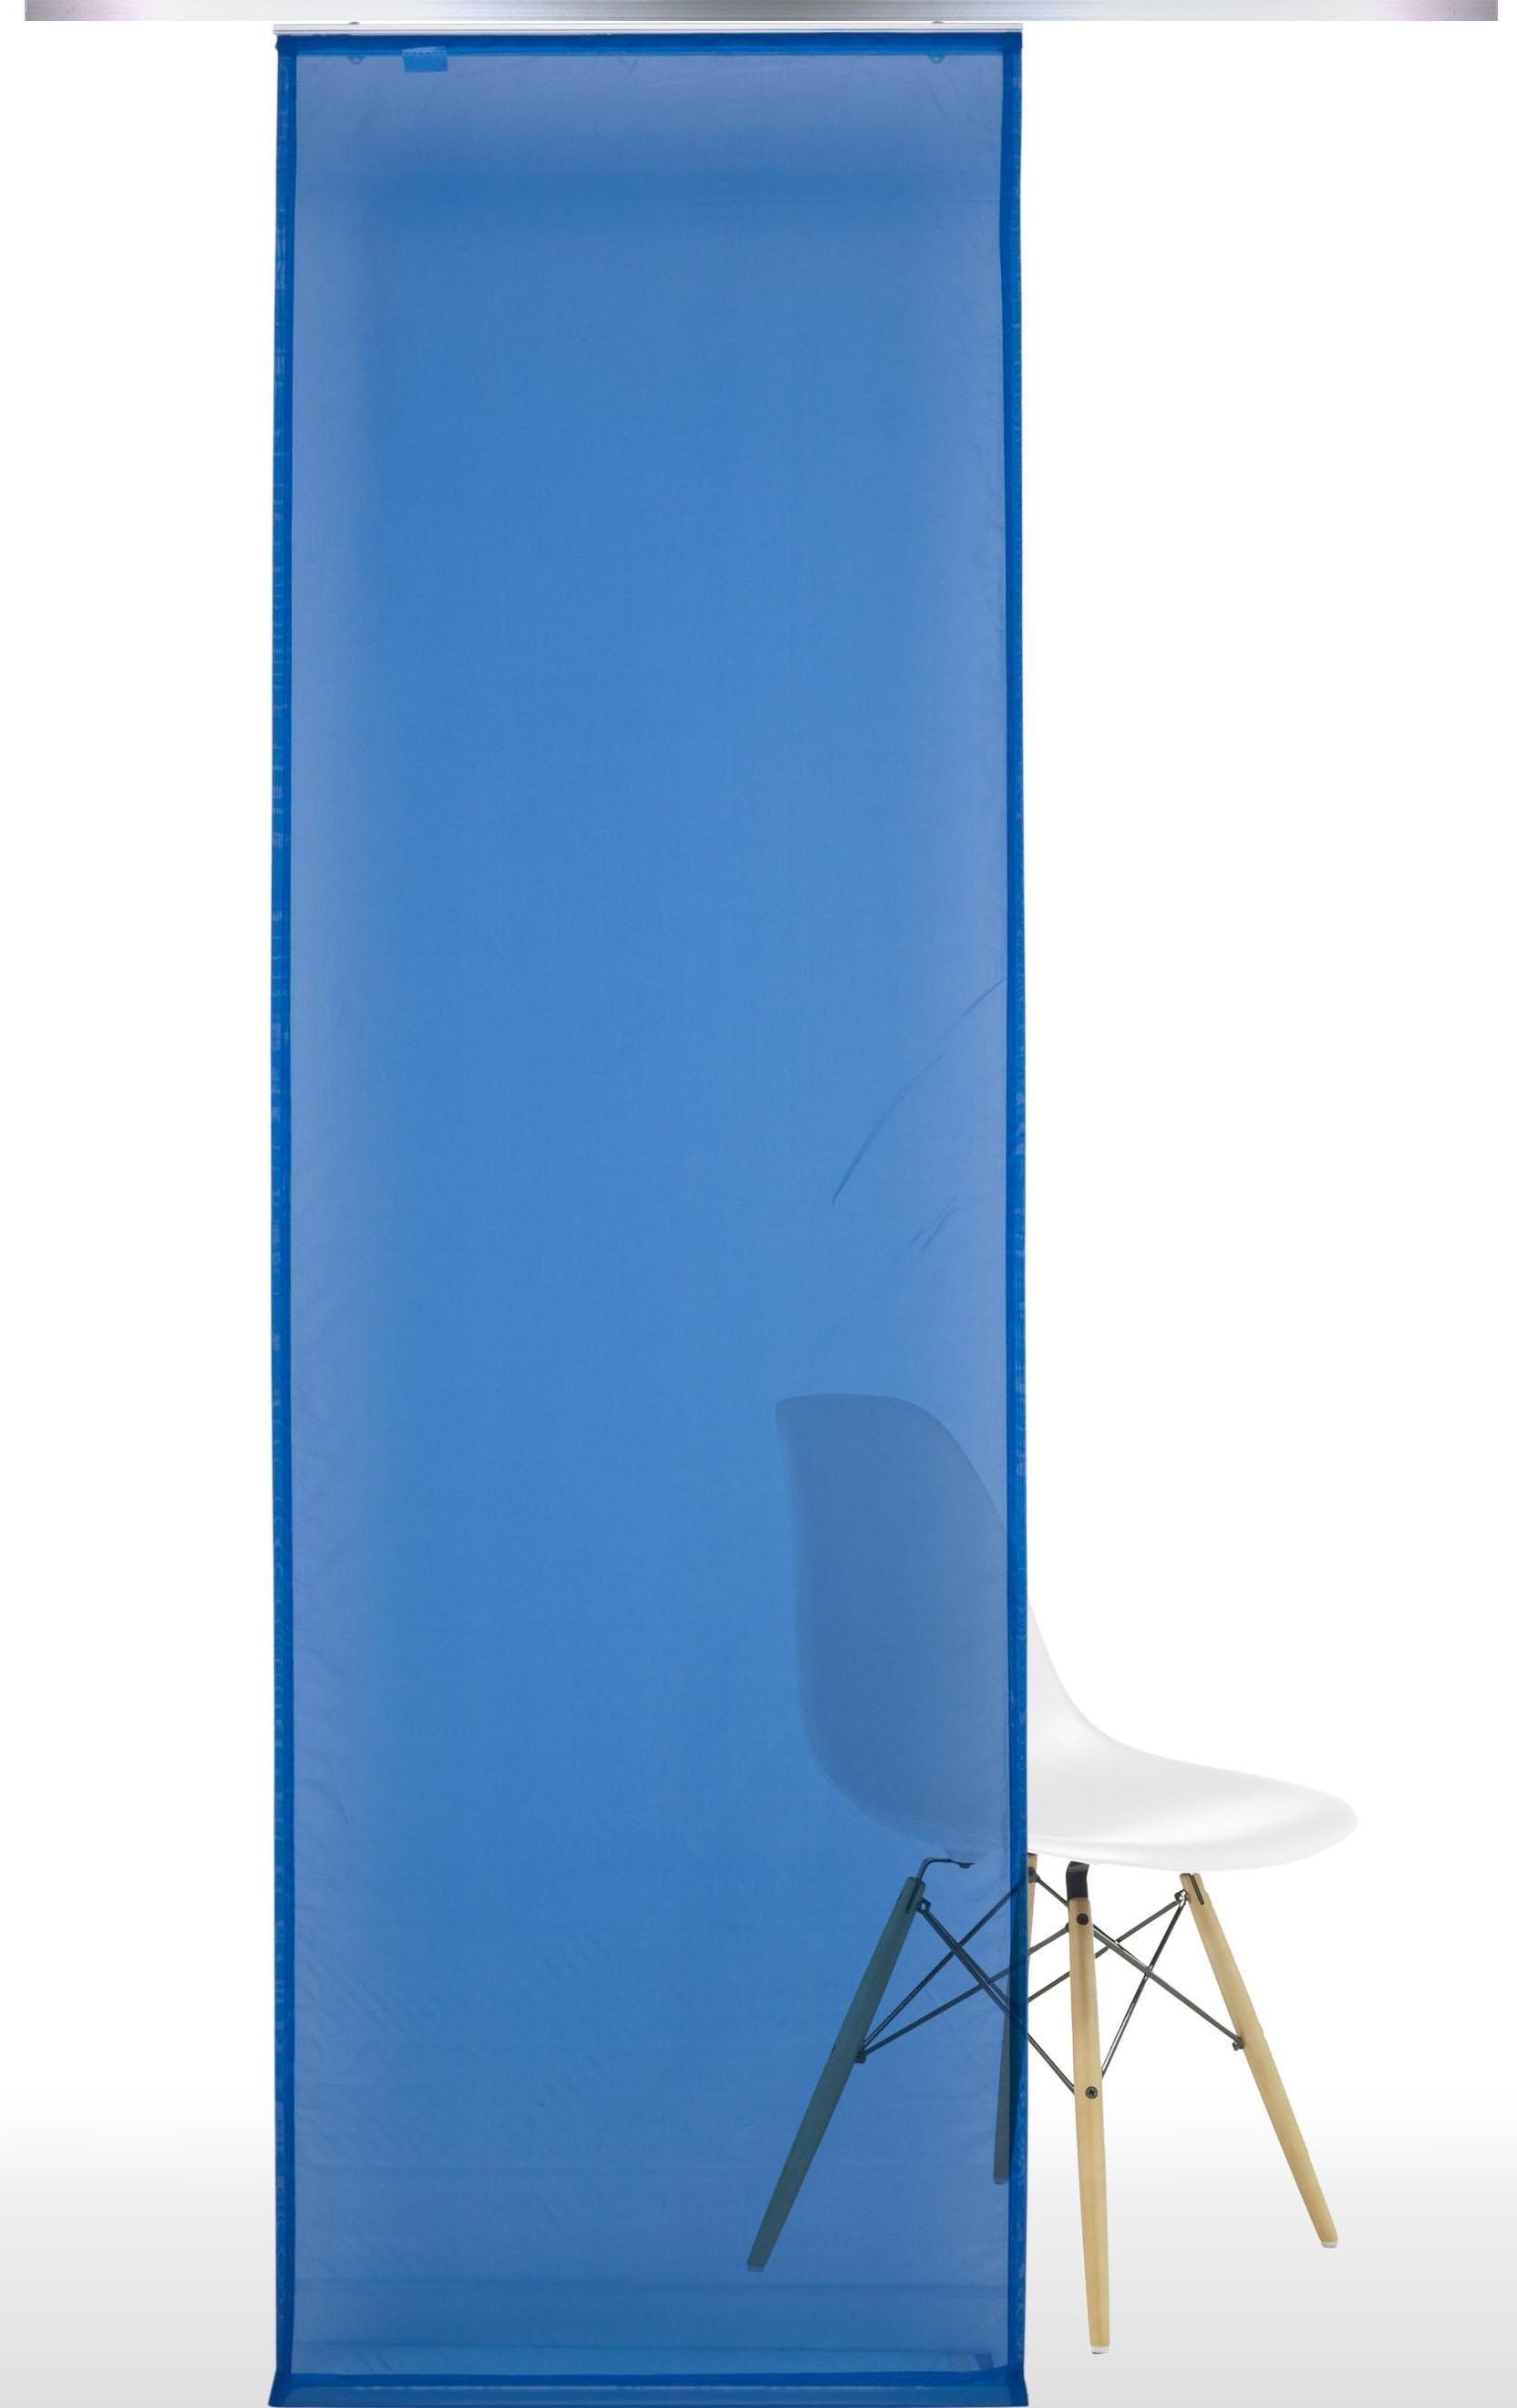 Liedeco paneelgordijn HxB: 245x60 (1 stuk) veilig op otto.nl kopen